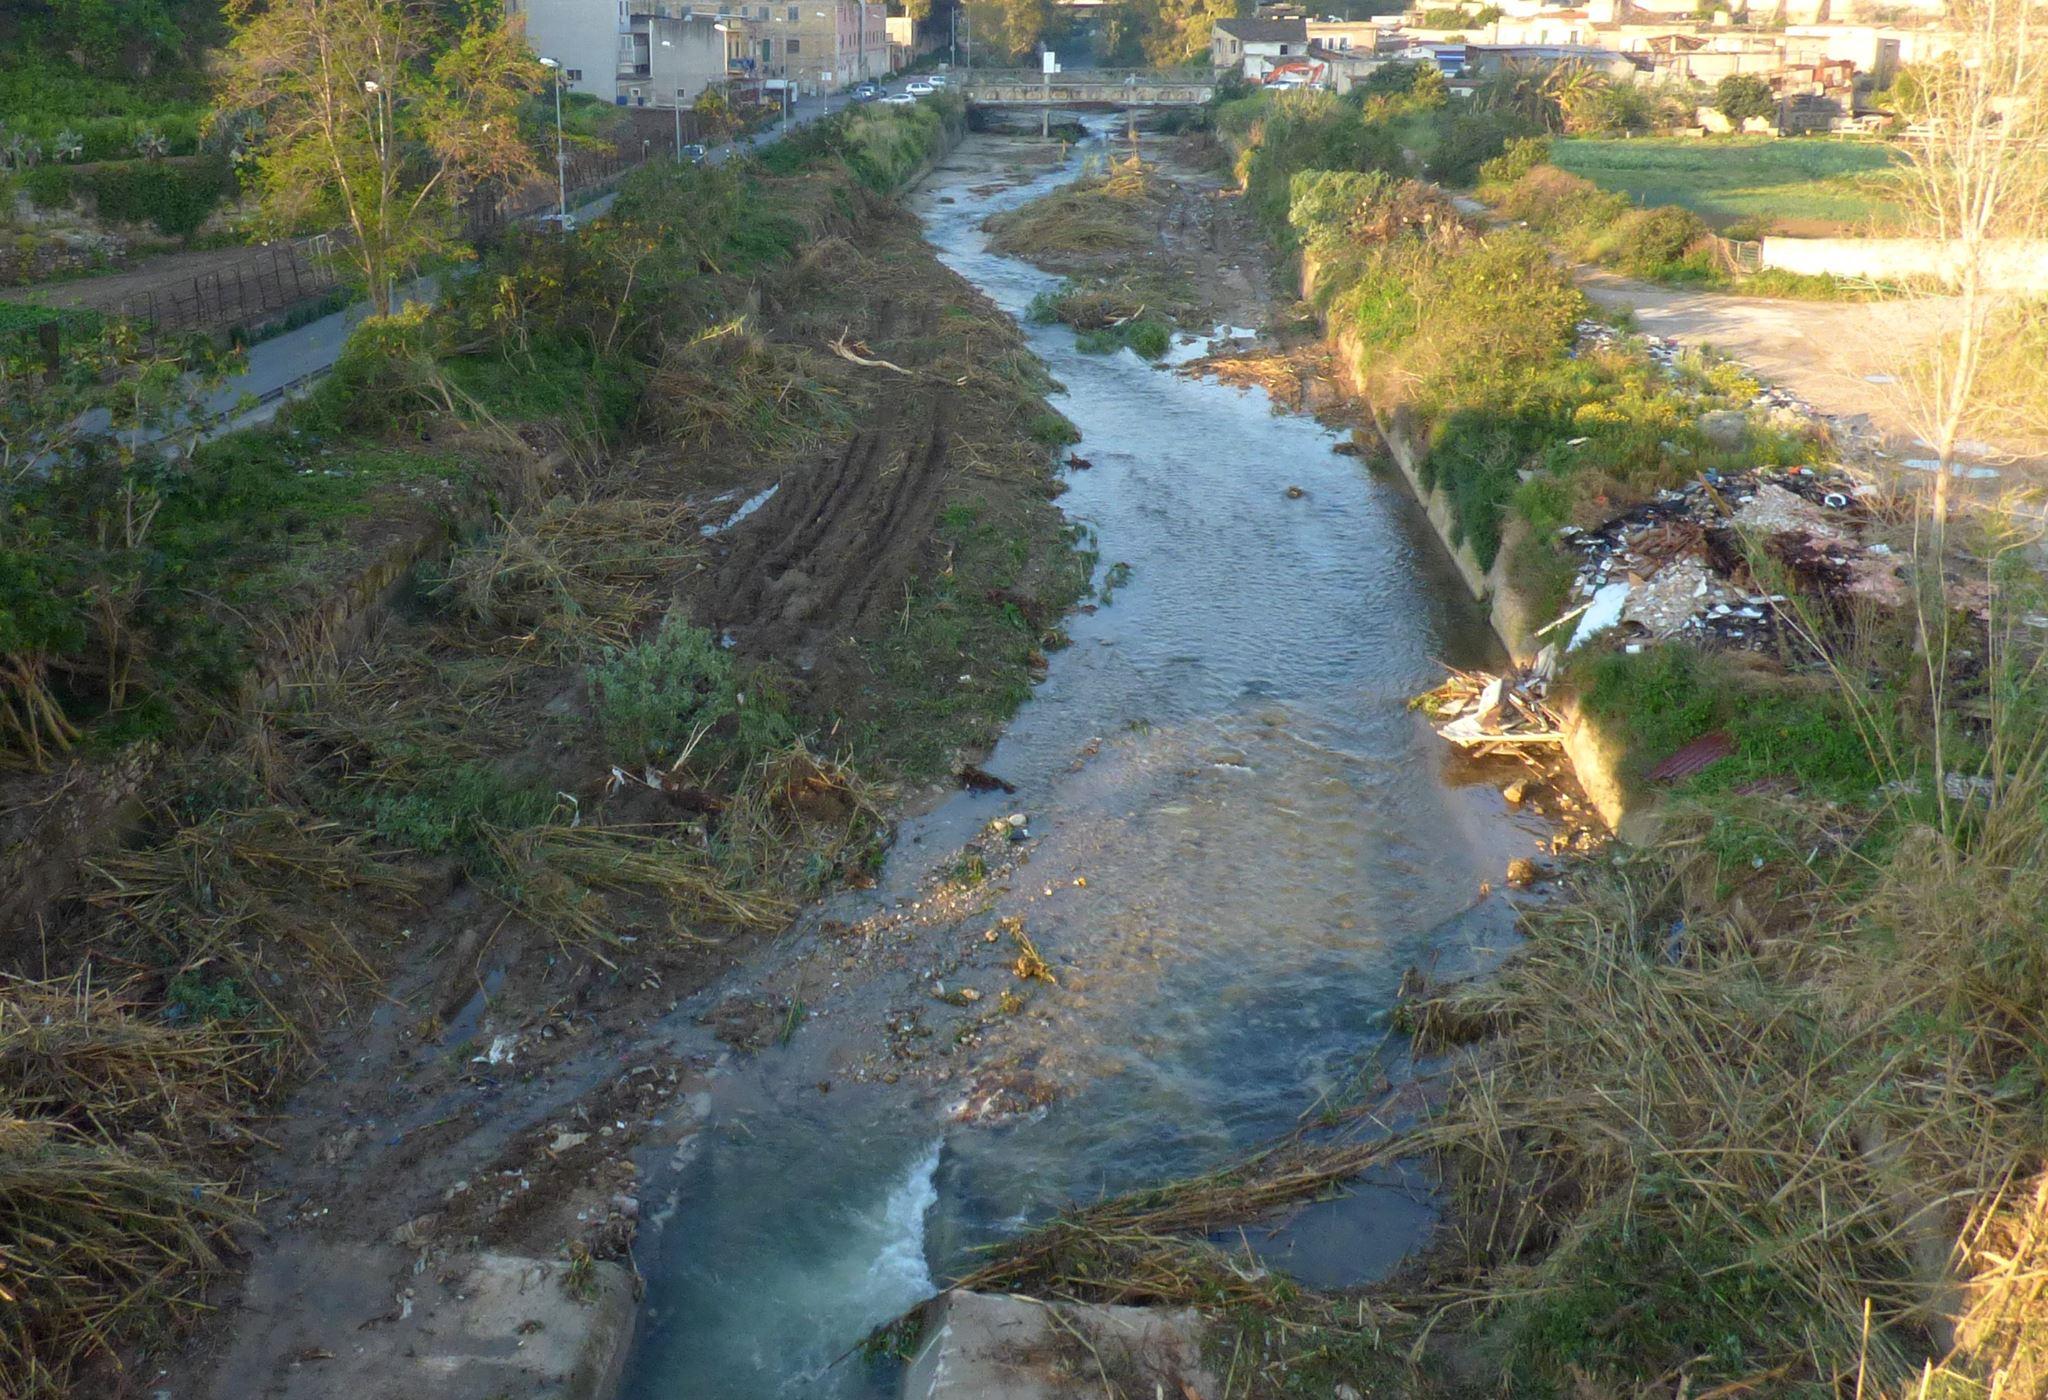 La 'bonifica' del fiume Oreto ha prodotto un pastrocchio: sradicati alberi dove nidificavano uccelli